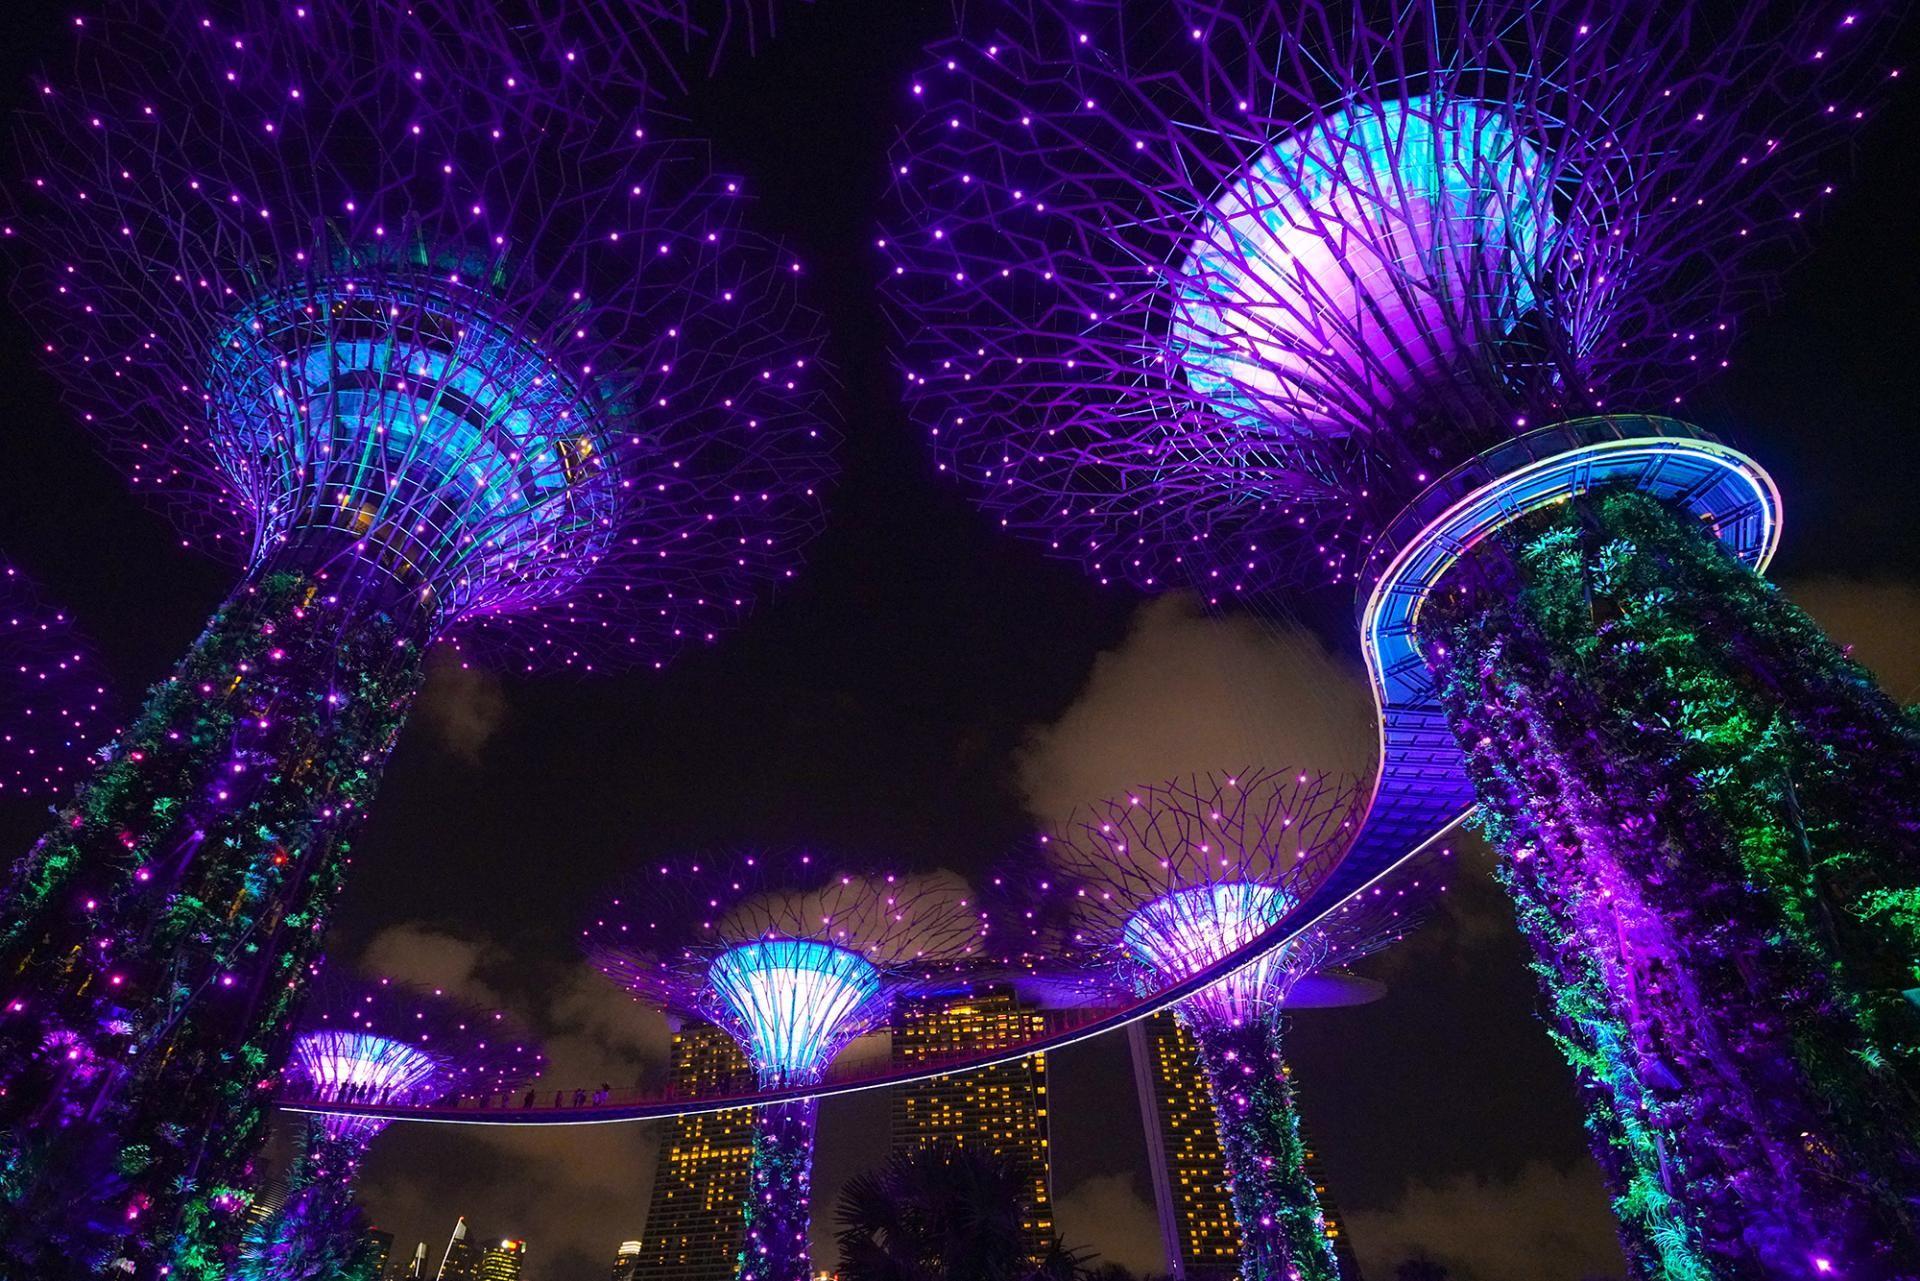 137a6633c641e4fb0813cfcff8eb0a65 - Marina Bay Gardens Light Show Time